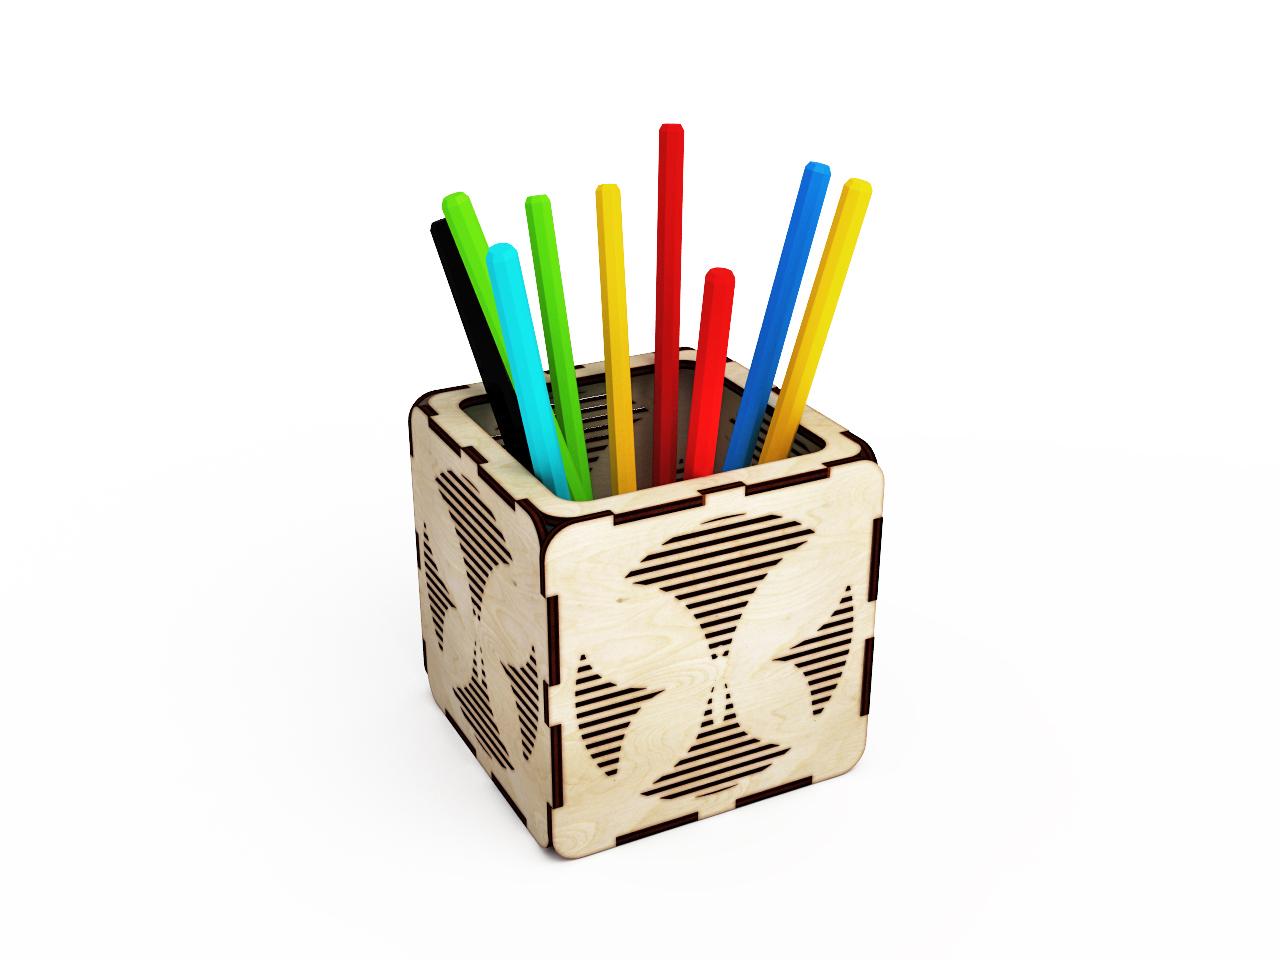 Подставка из карандашей